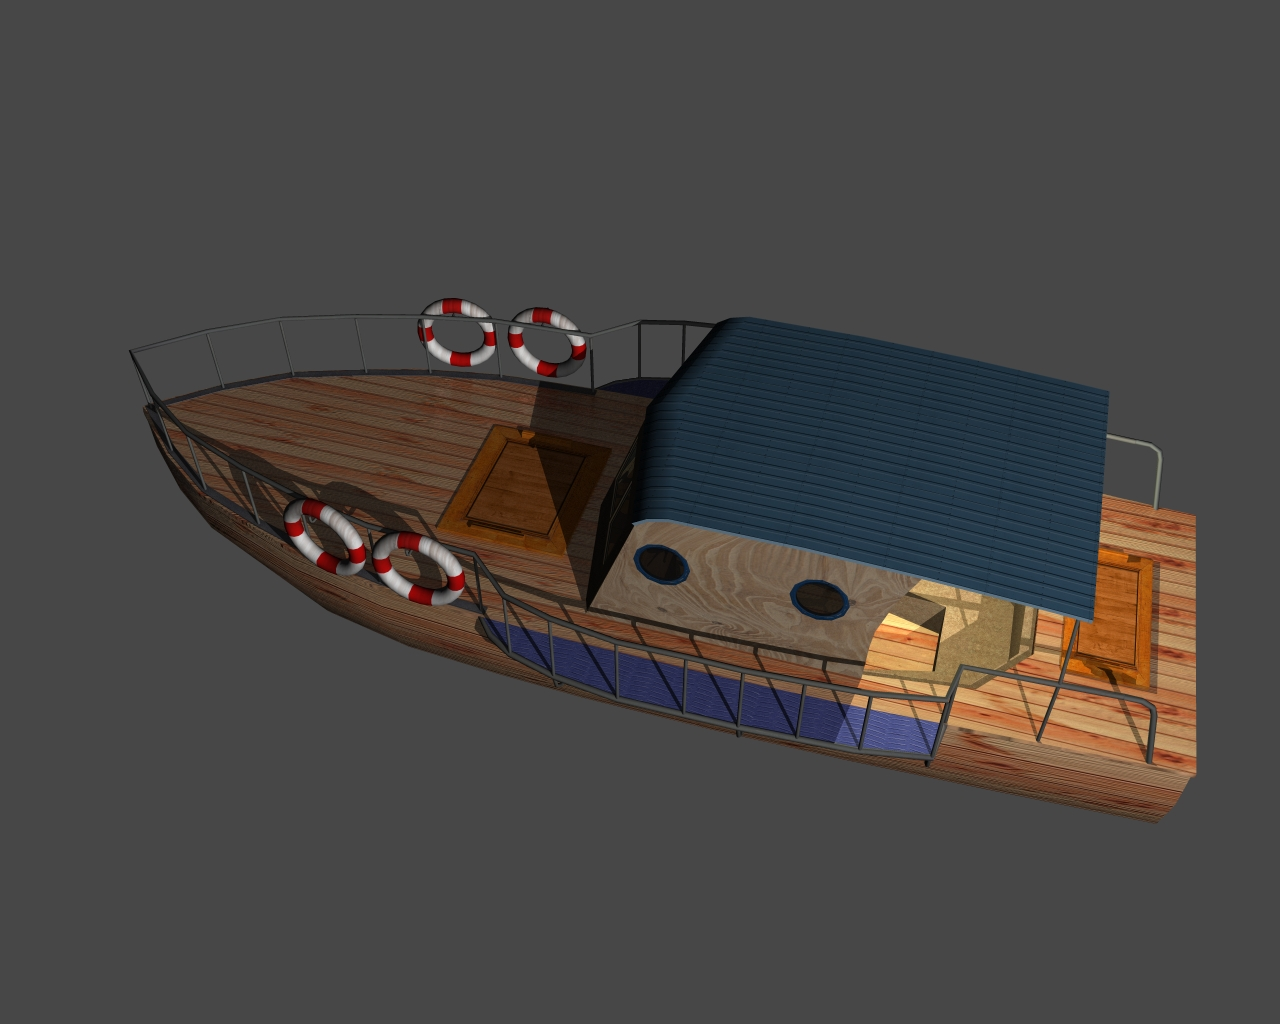 jauns laiva 3d 3ds 165411